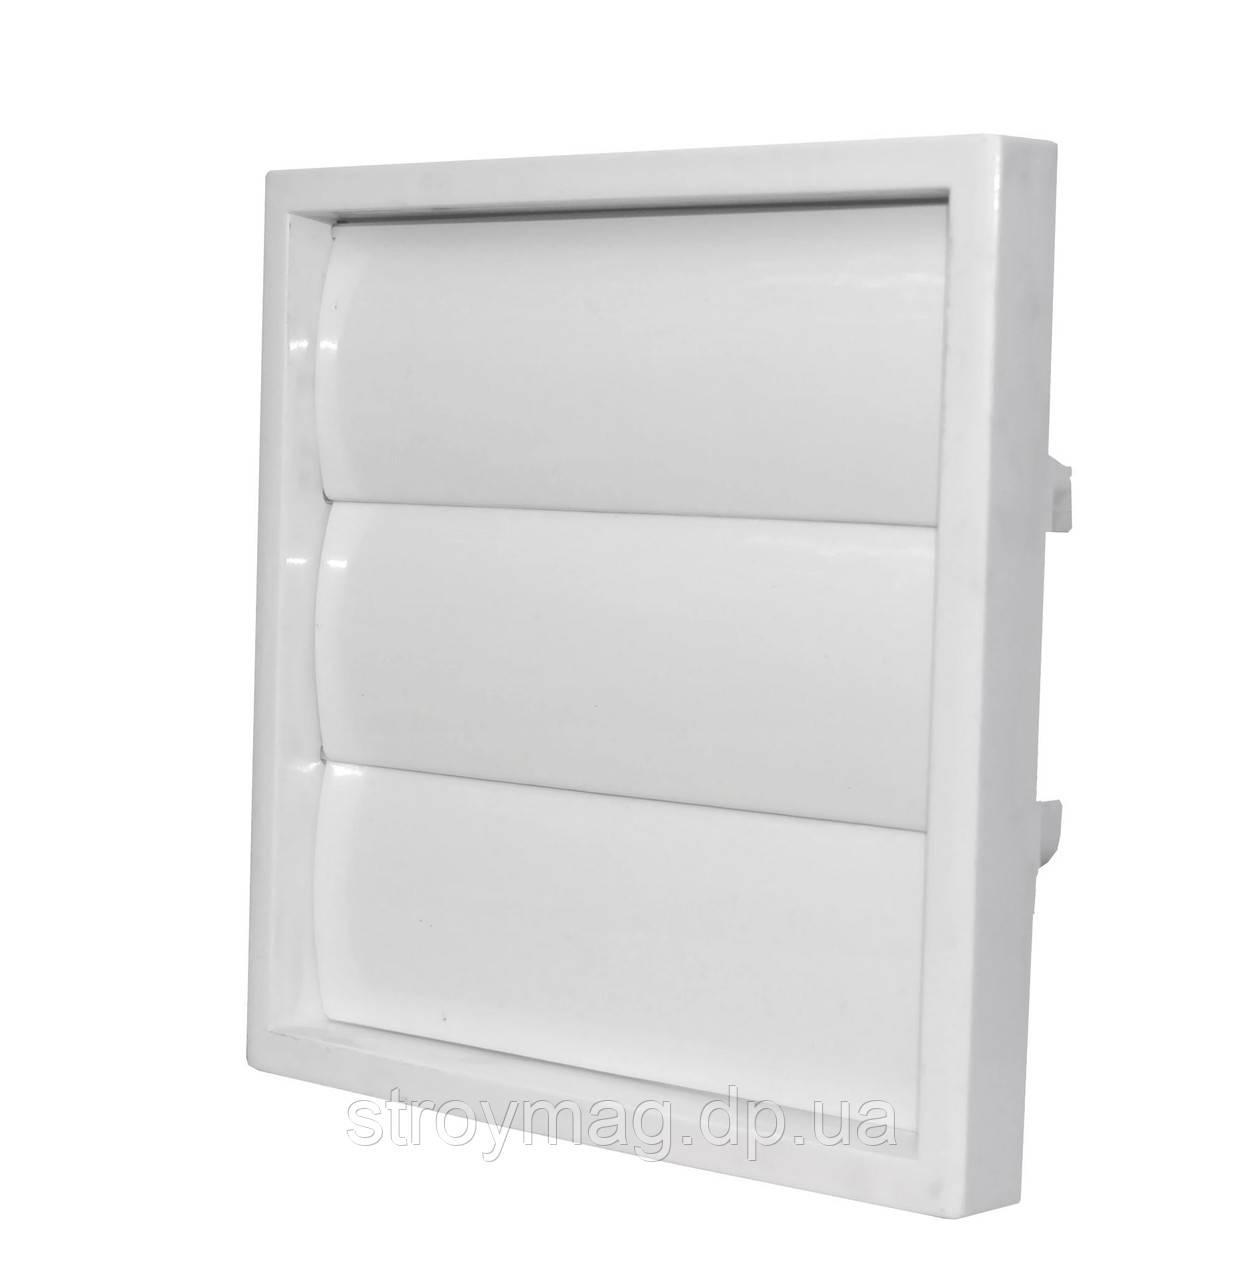 Решетка вентиляционная Dospel KRZ 150/В (007-0325)